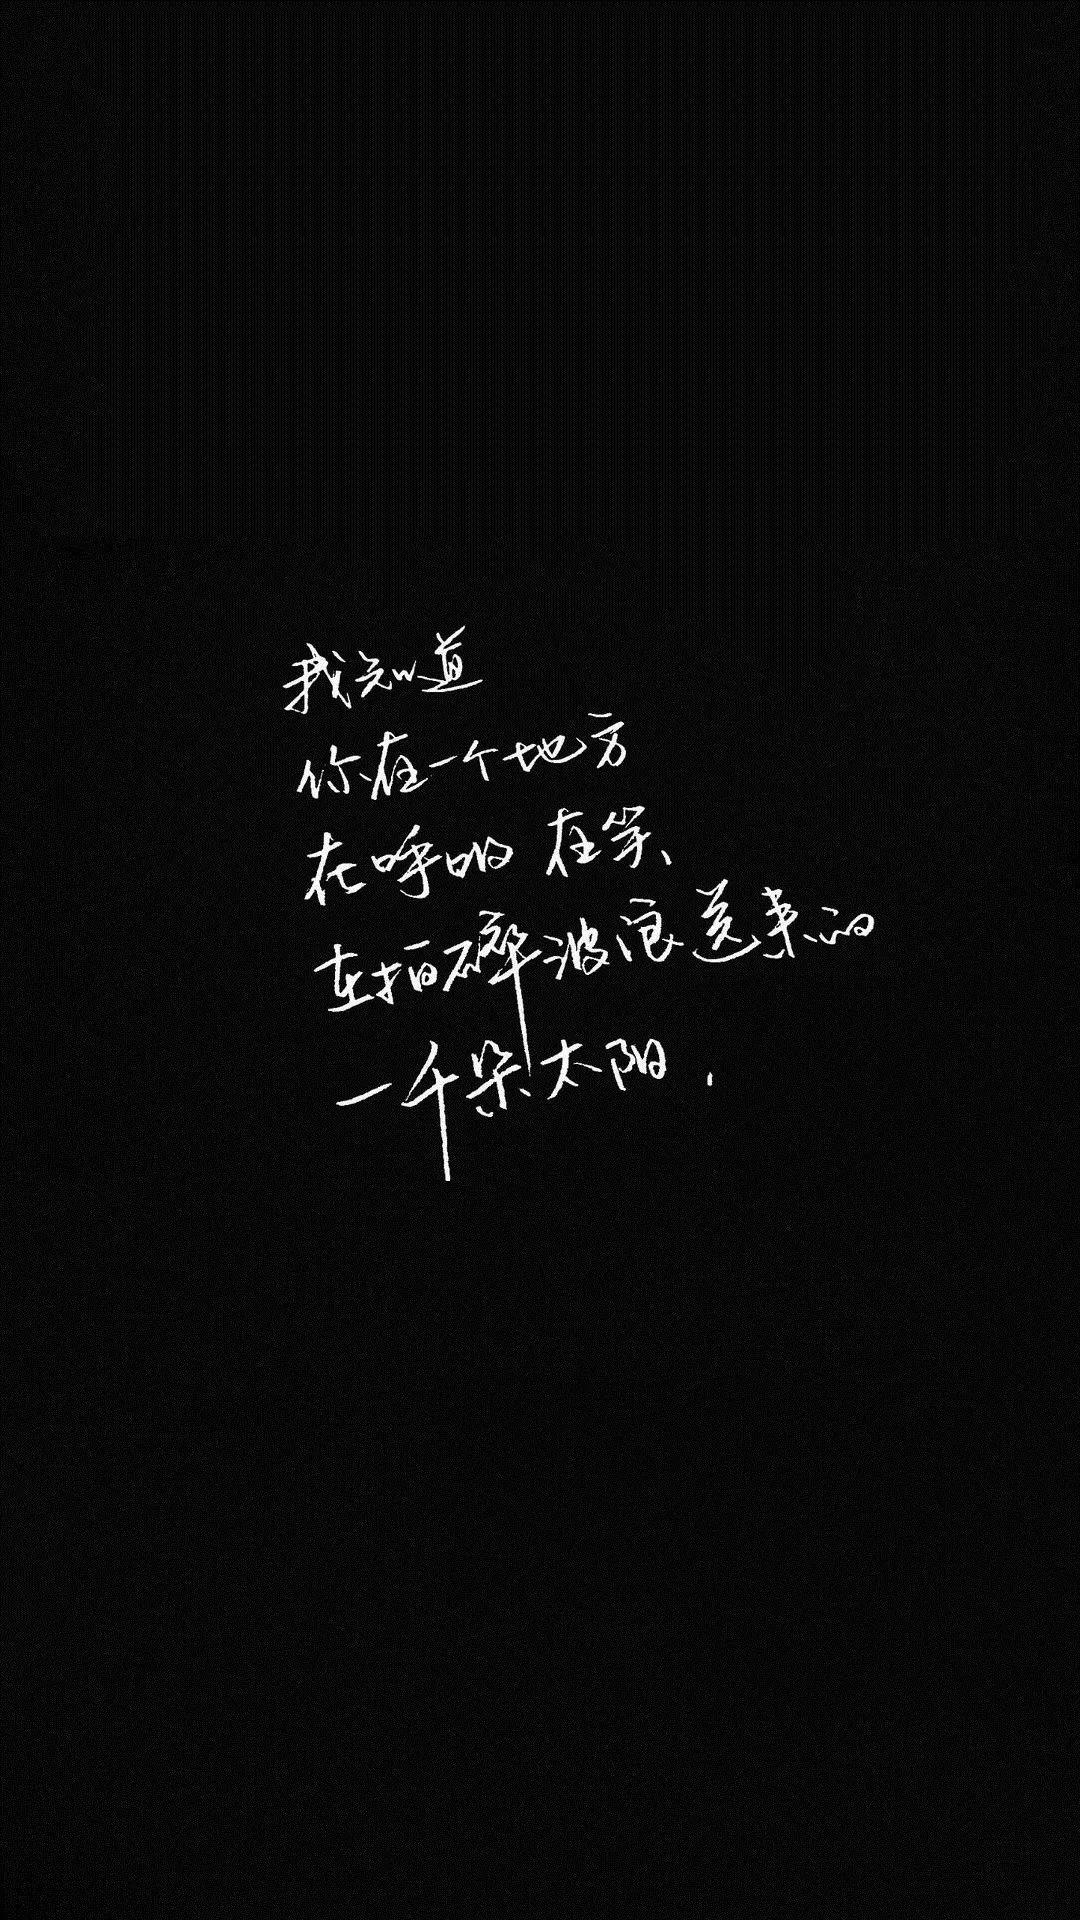 壁紙,黑底白字 個性文字壁紙